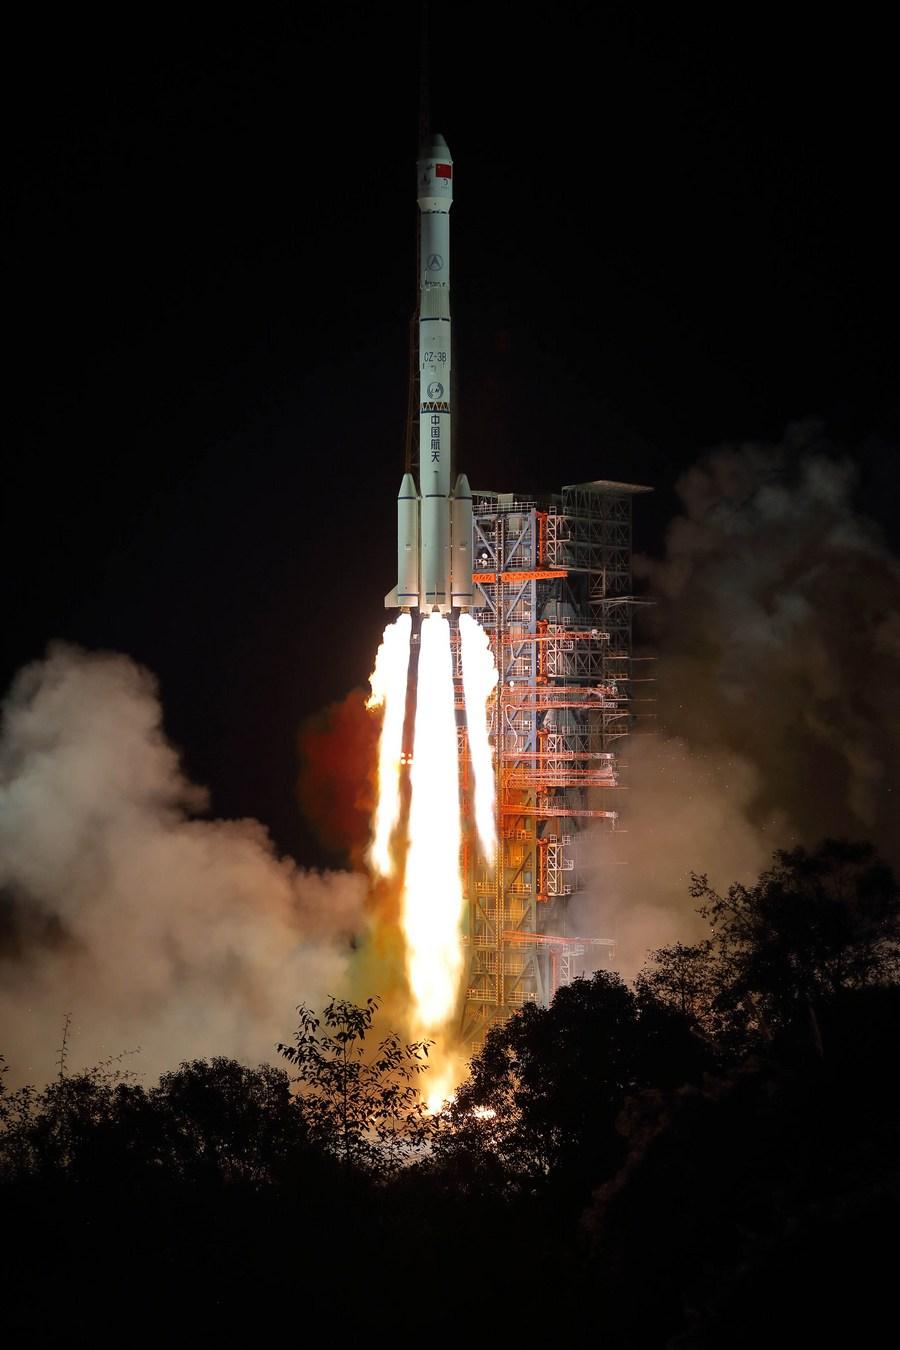 中国の月探査機「嫦娥4号」、小惑星衝突の歴史を解明